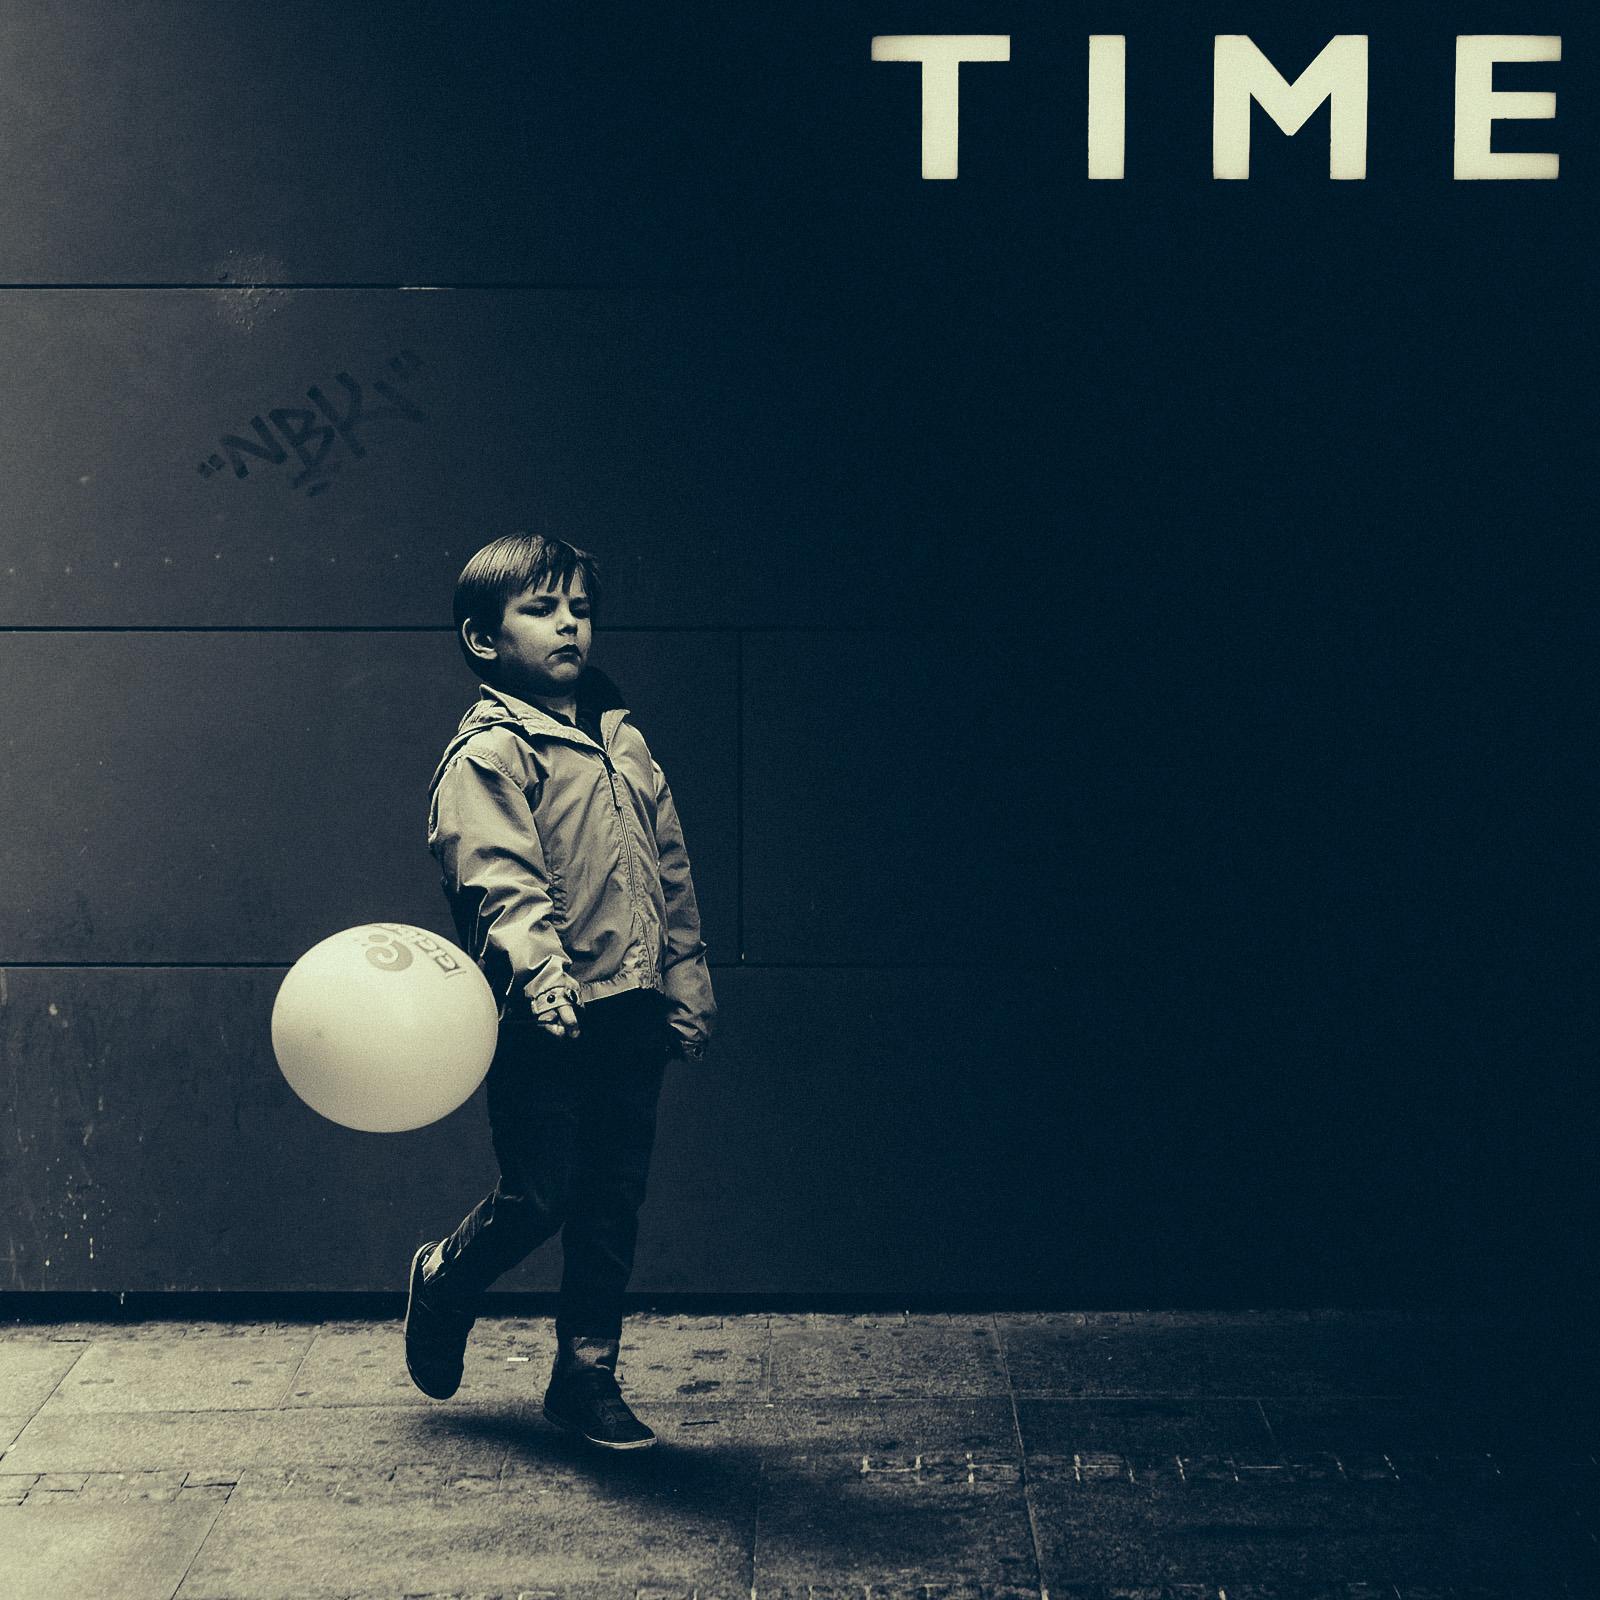 time-02.jpg